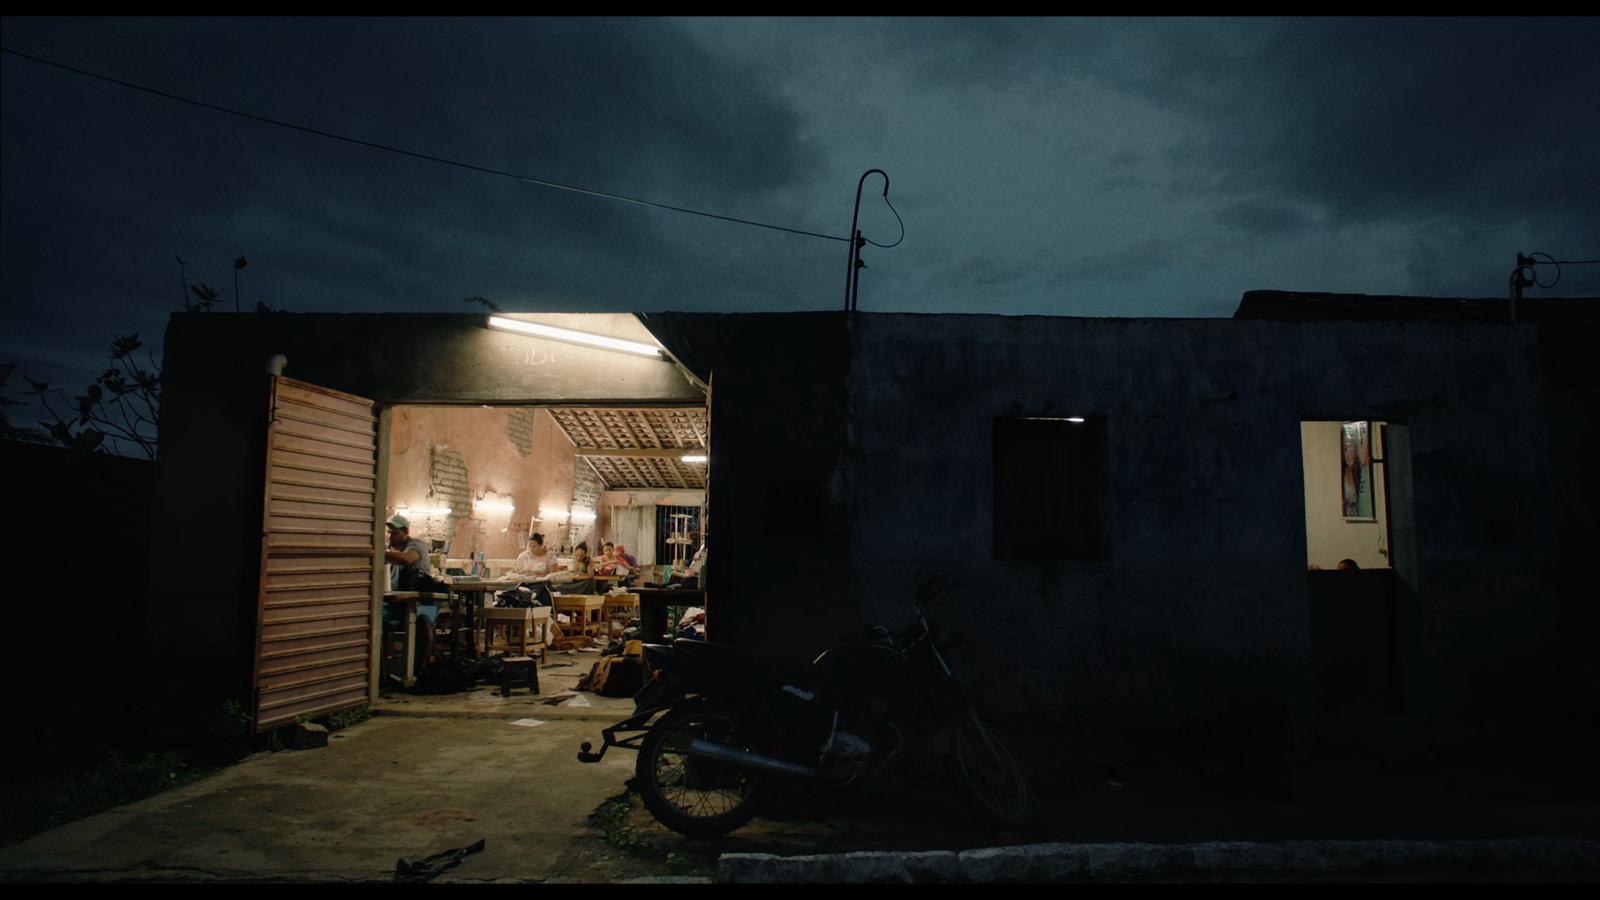 En attendant le carnaval (BANDE-ANNONCE) Documentaire de Marcelo Gomes - Le 7 octobre 2020 au cinéma